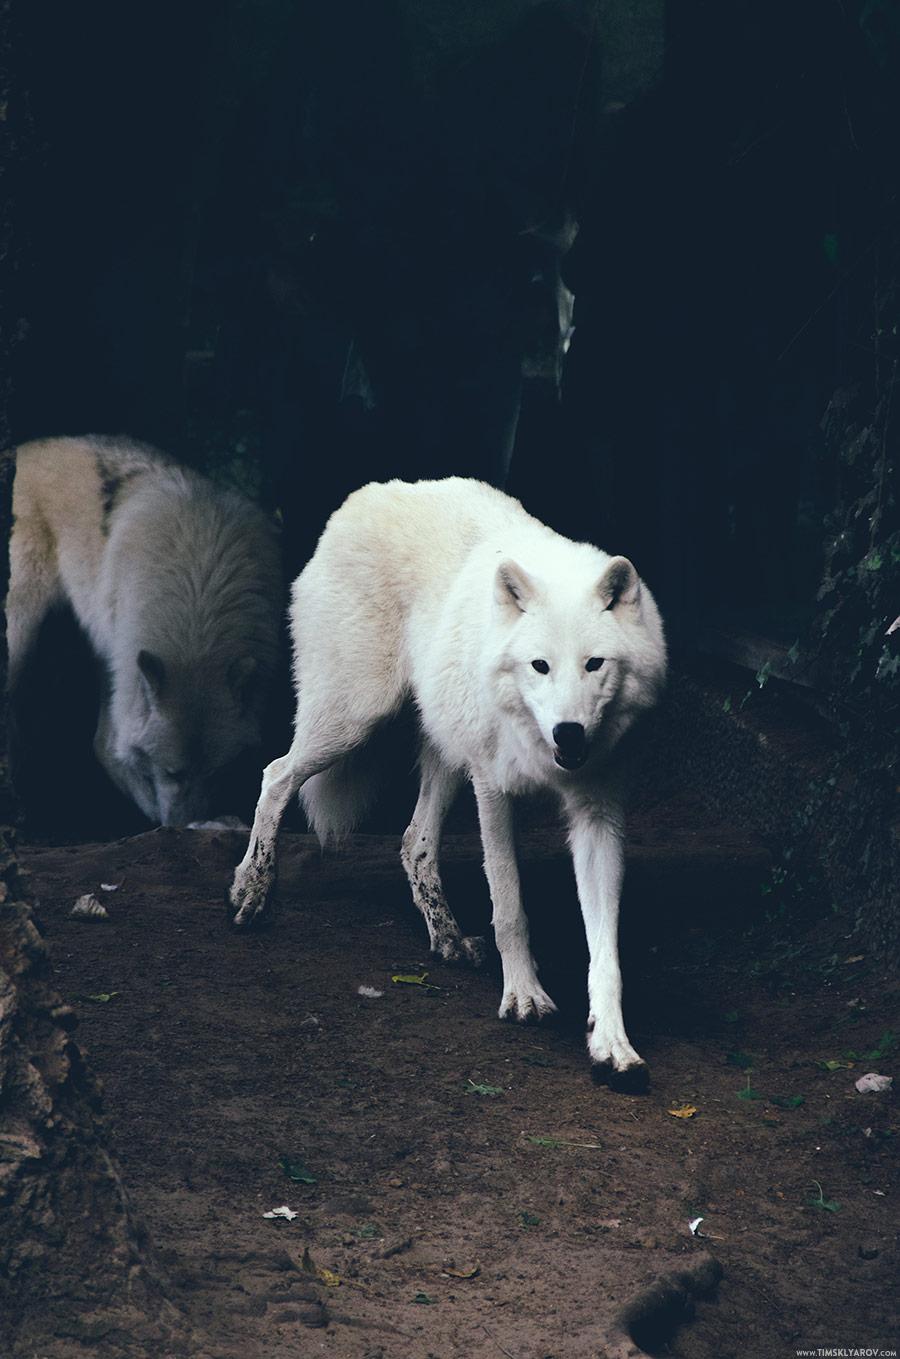 Северо-американский волк. Такого мы видели этим летом, во время нашего путешествия по Колорадо.